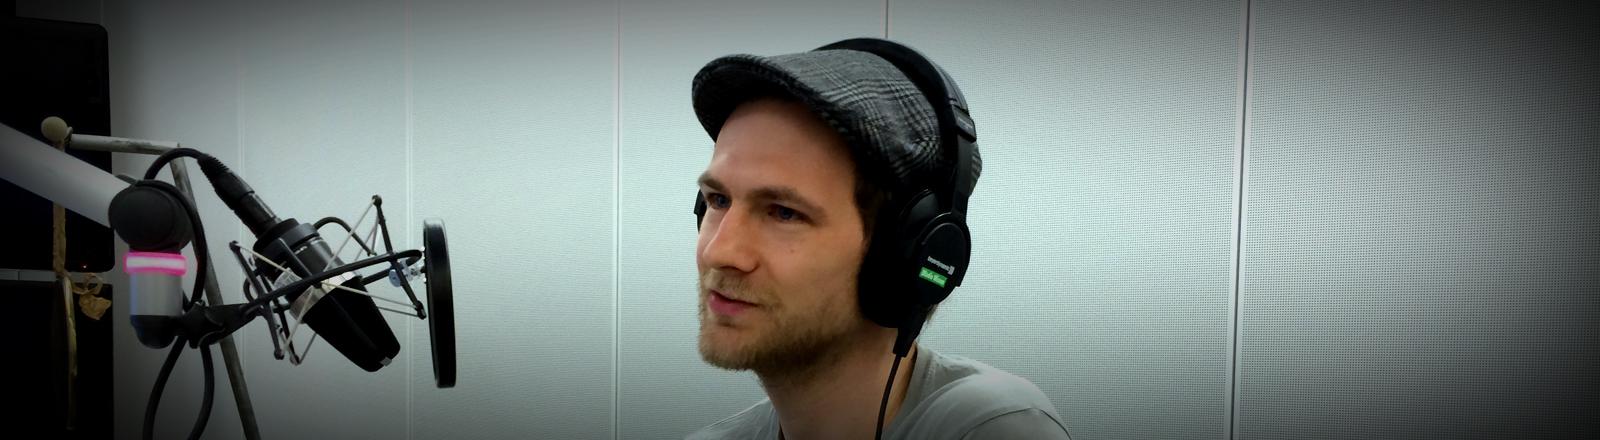 Schauspieler und Musiker Robert Gwisdek im DRadio-Wissen-Studio.